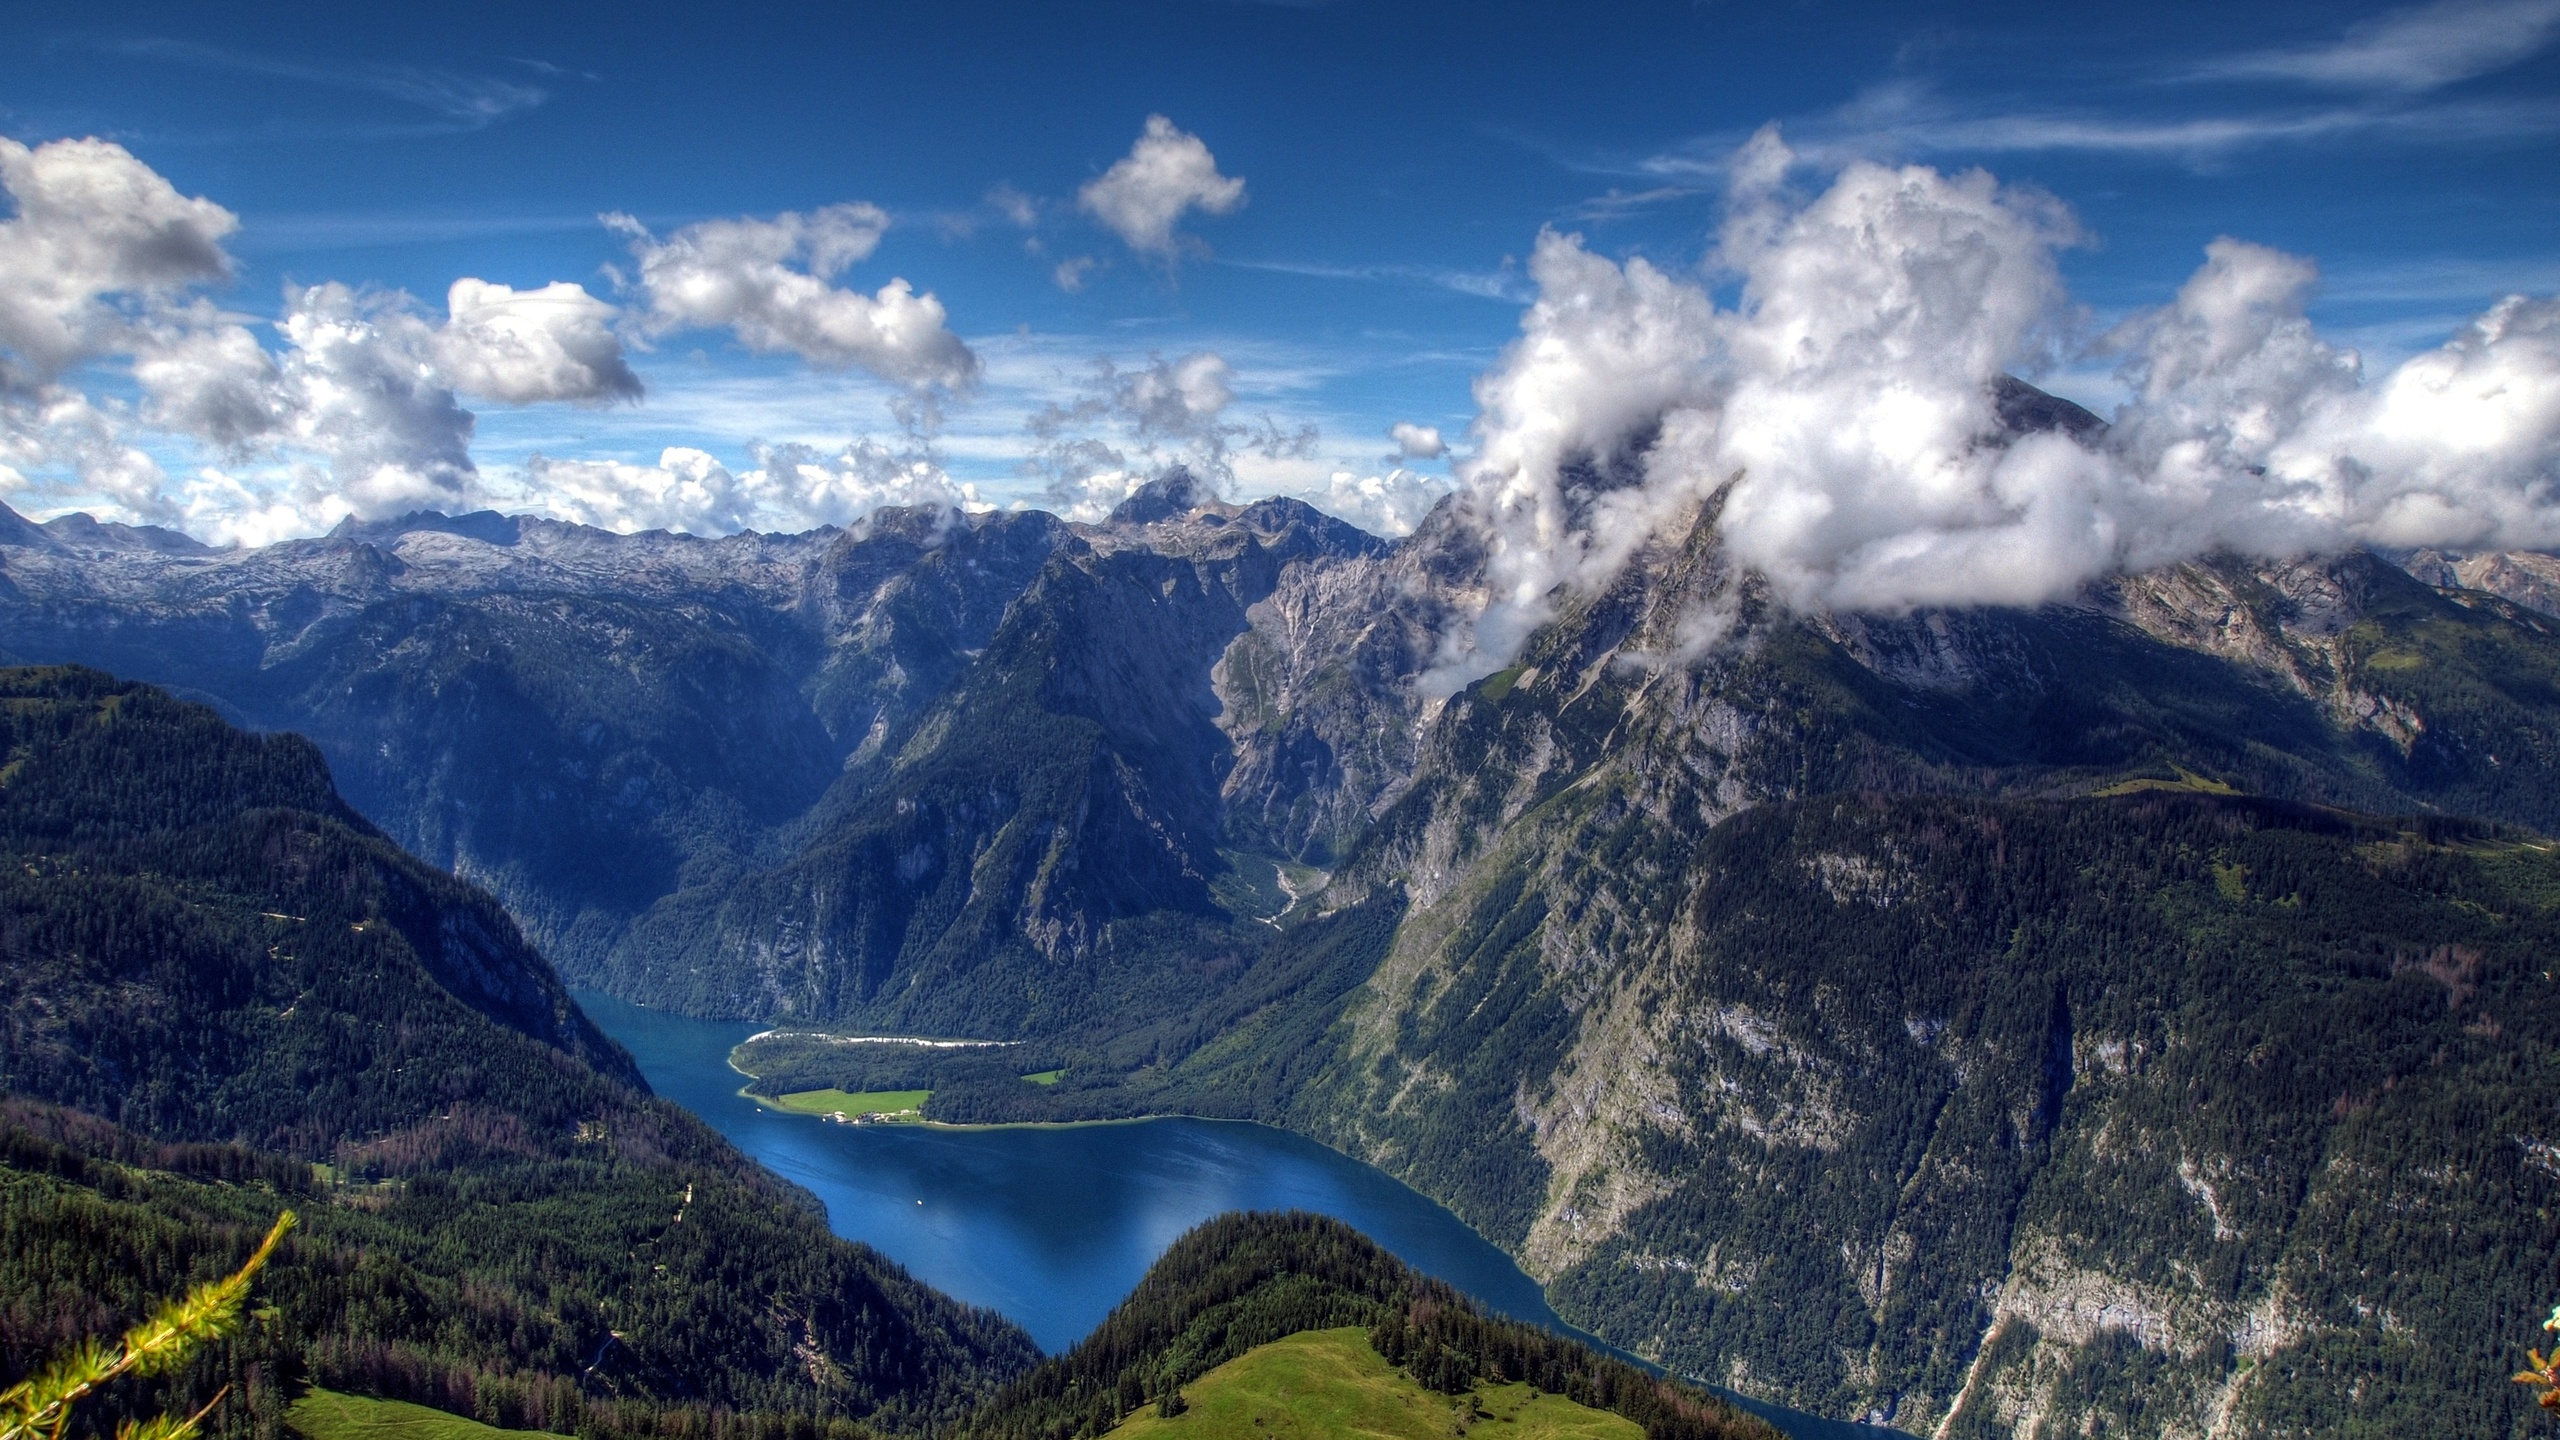 горы скалы небо облака высота природа  № 3352128 бесплатно